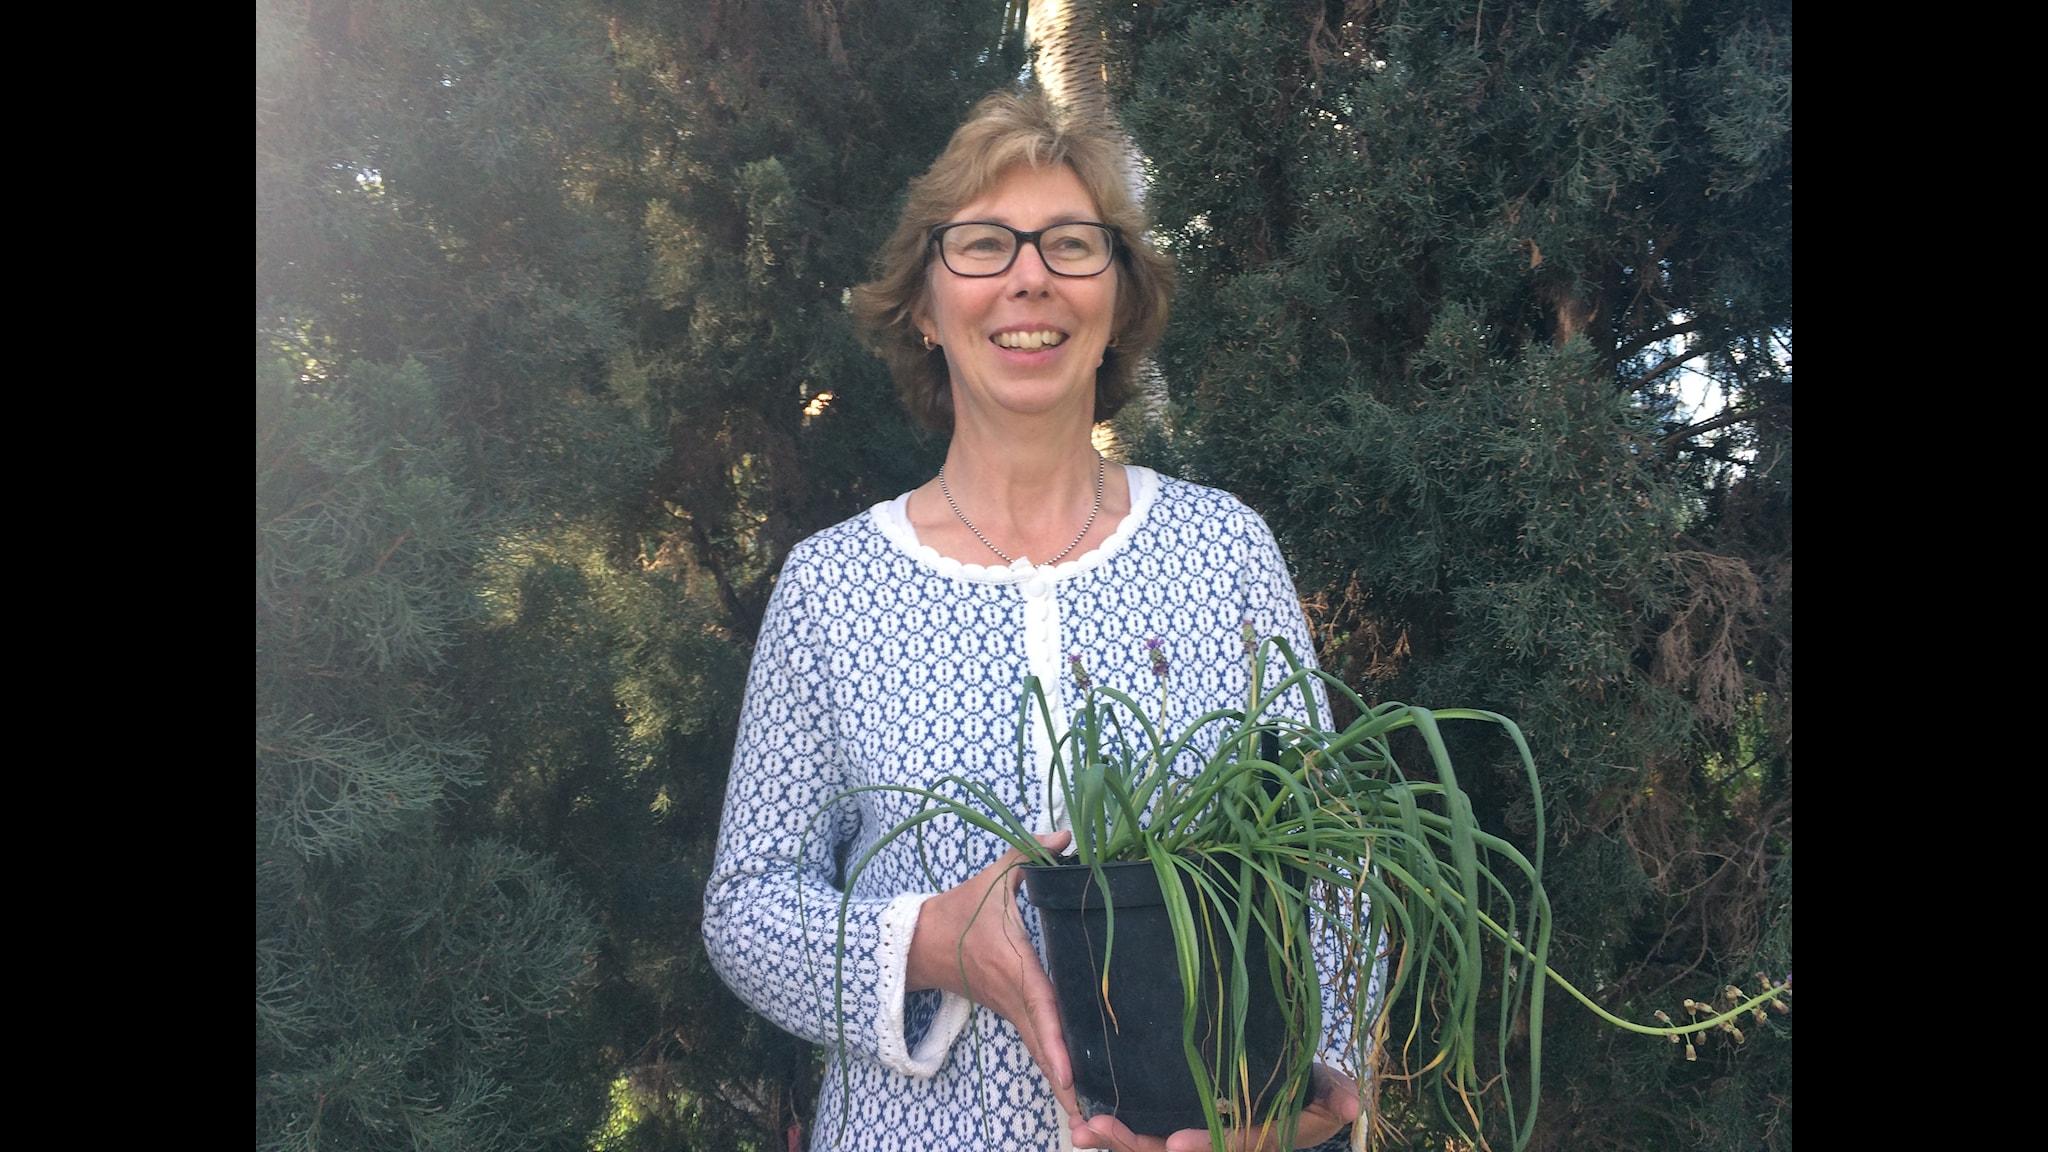 Karin Martinsson med fjäderhyacint framför pelarcypress. Foto: Ulla de Verdier/SR